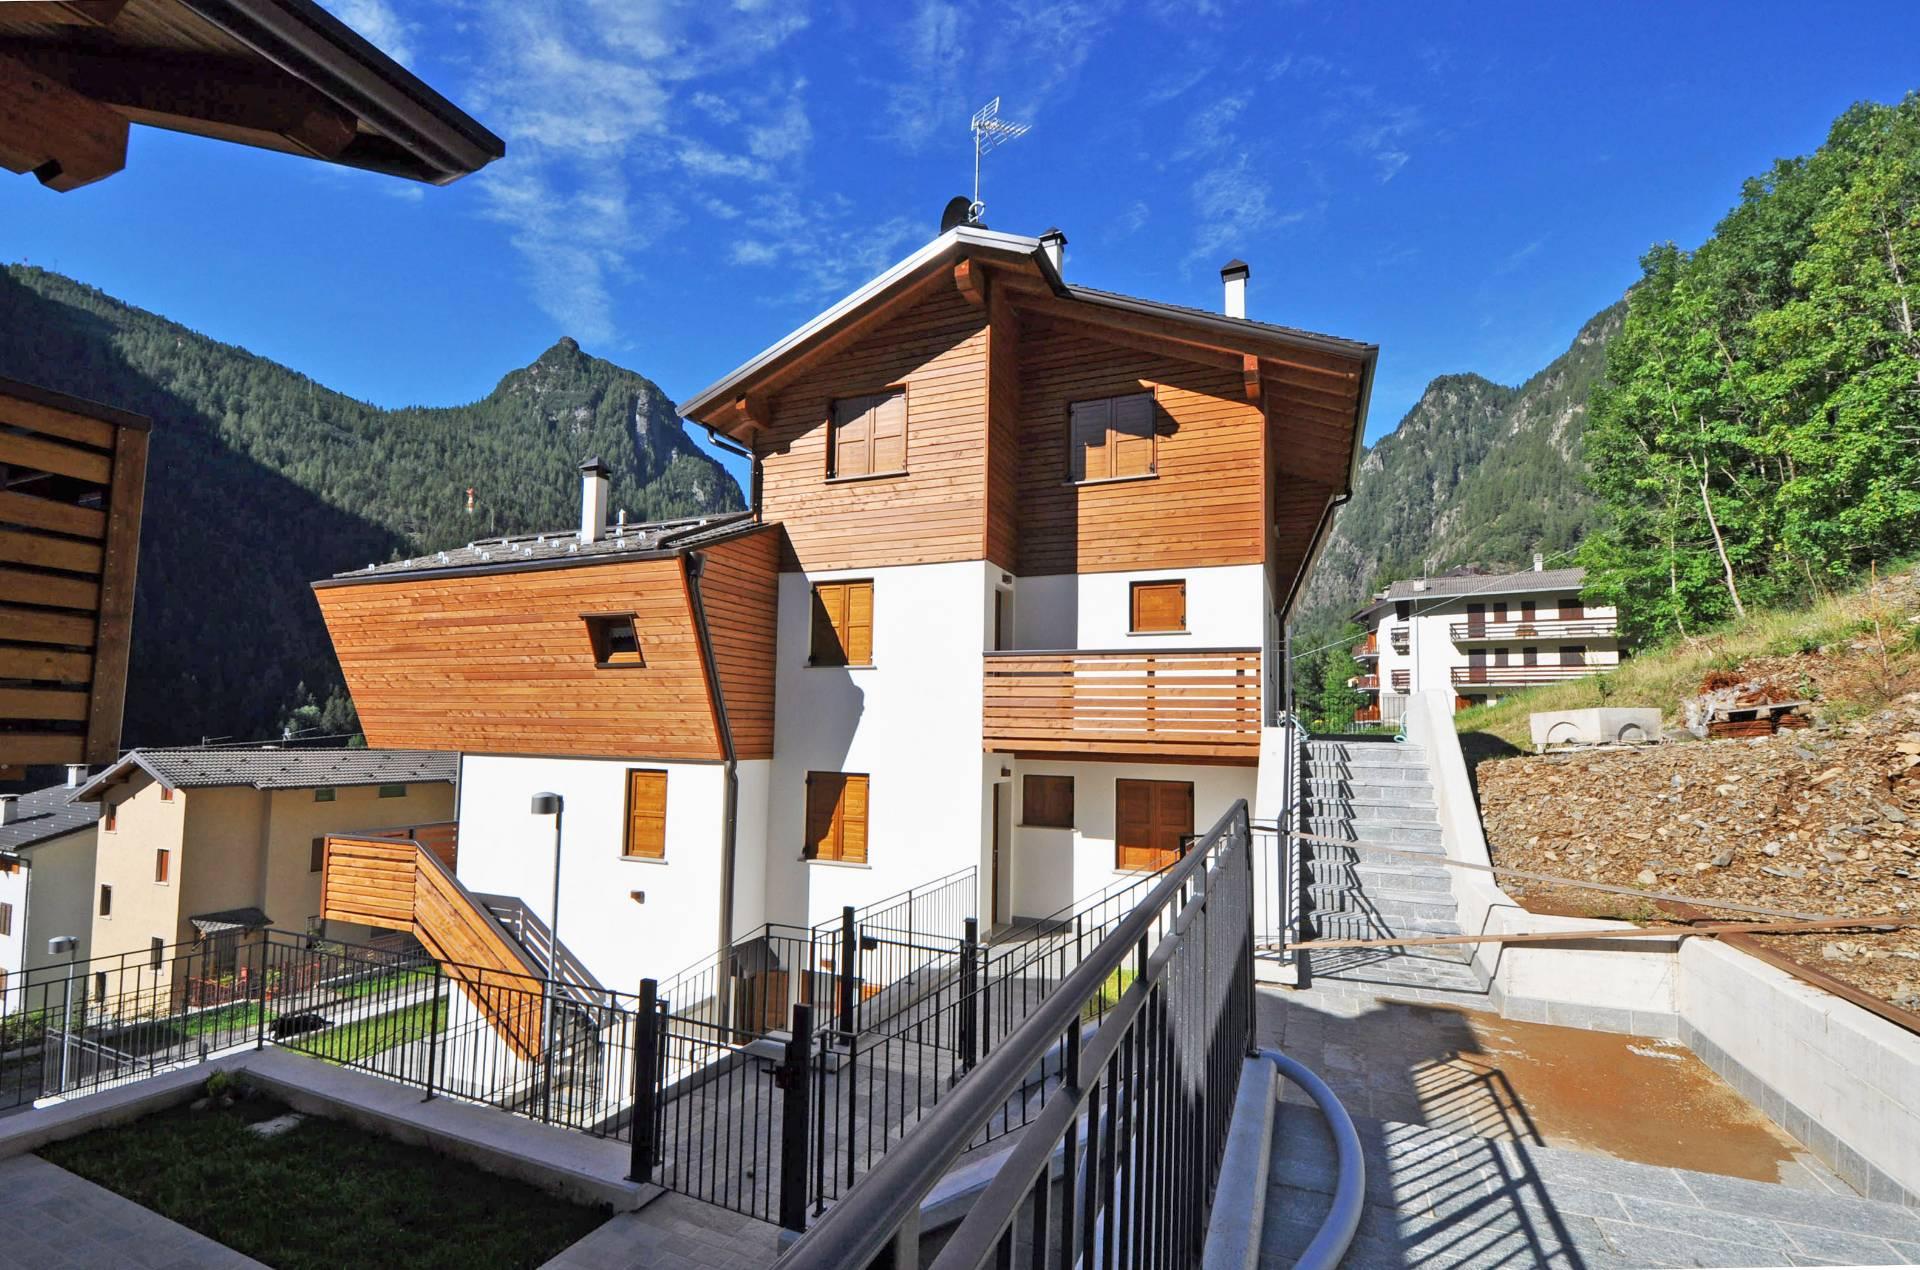 Villa in vendita a Carona, 3 locali, Trattative riservate | Cambio Casa.it